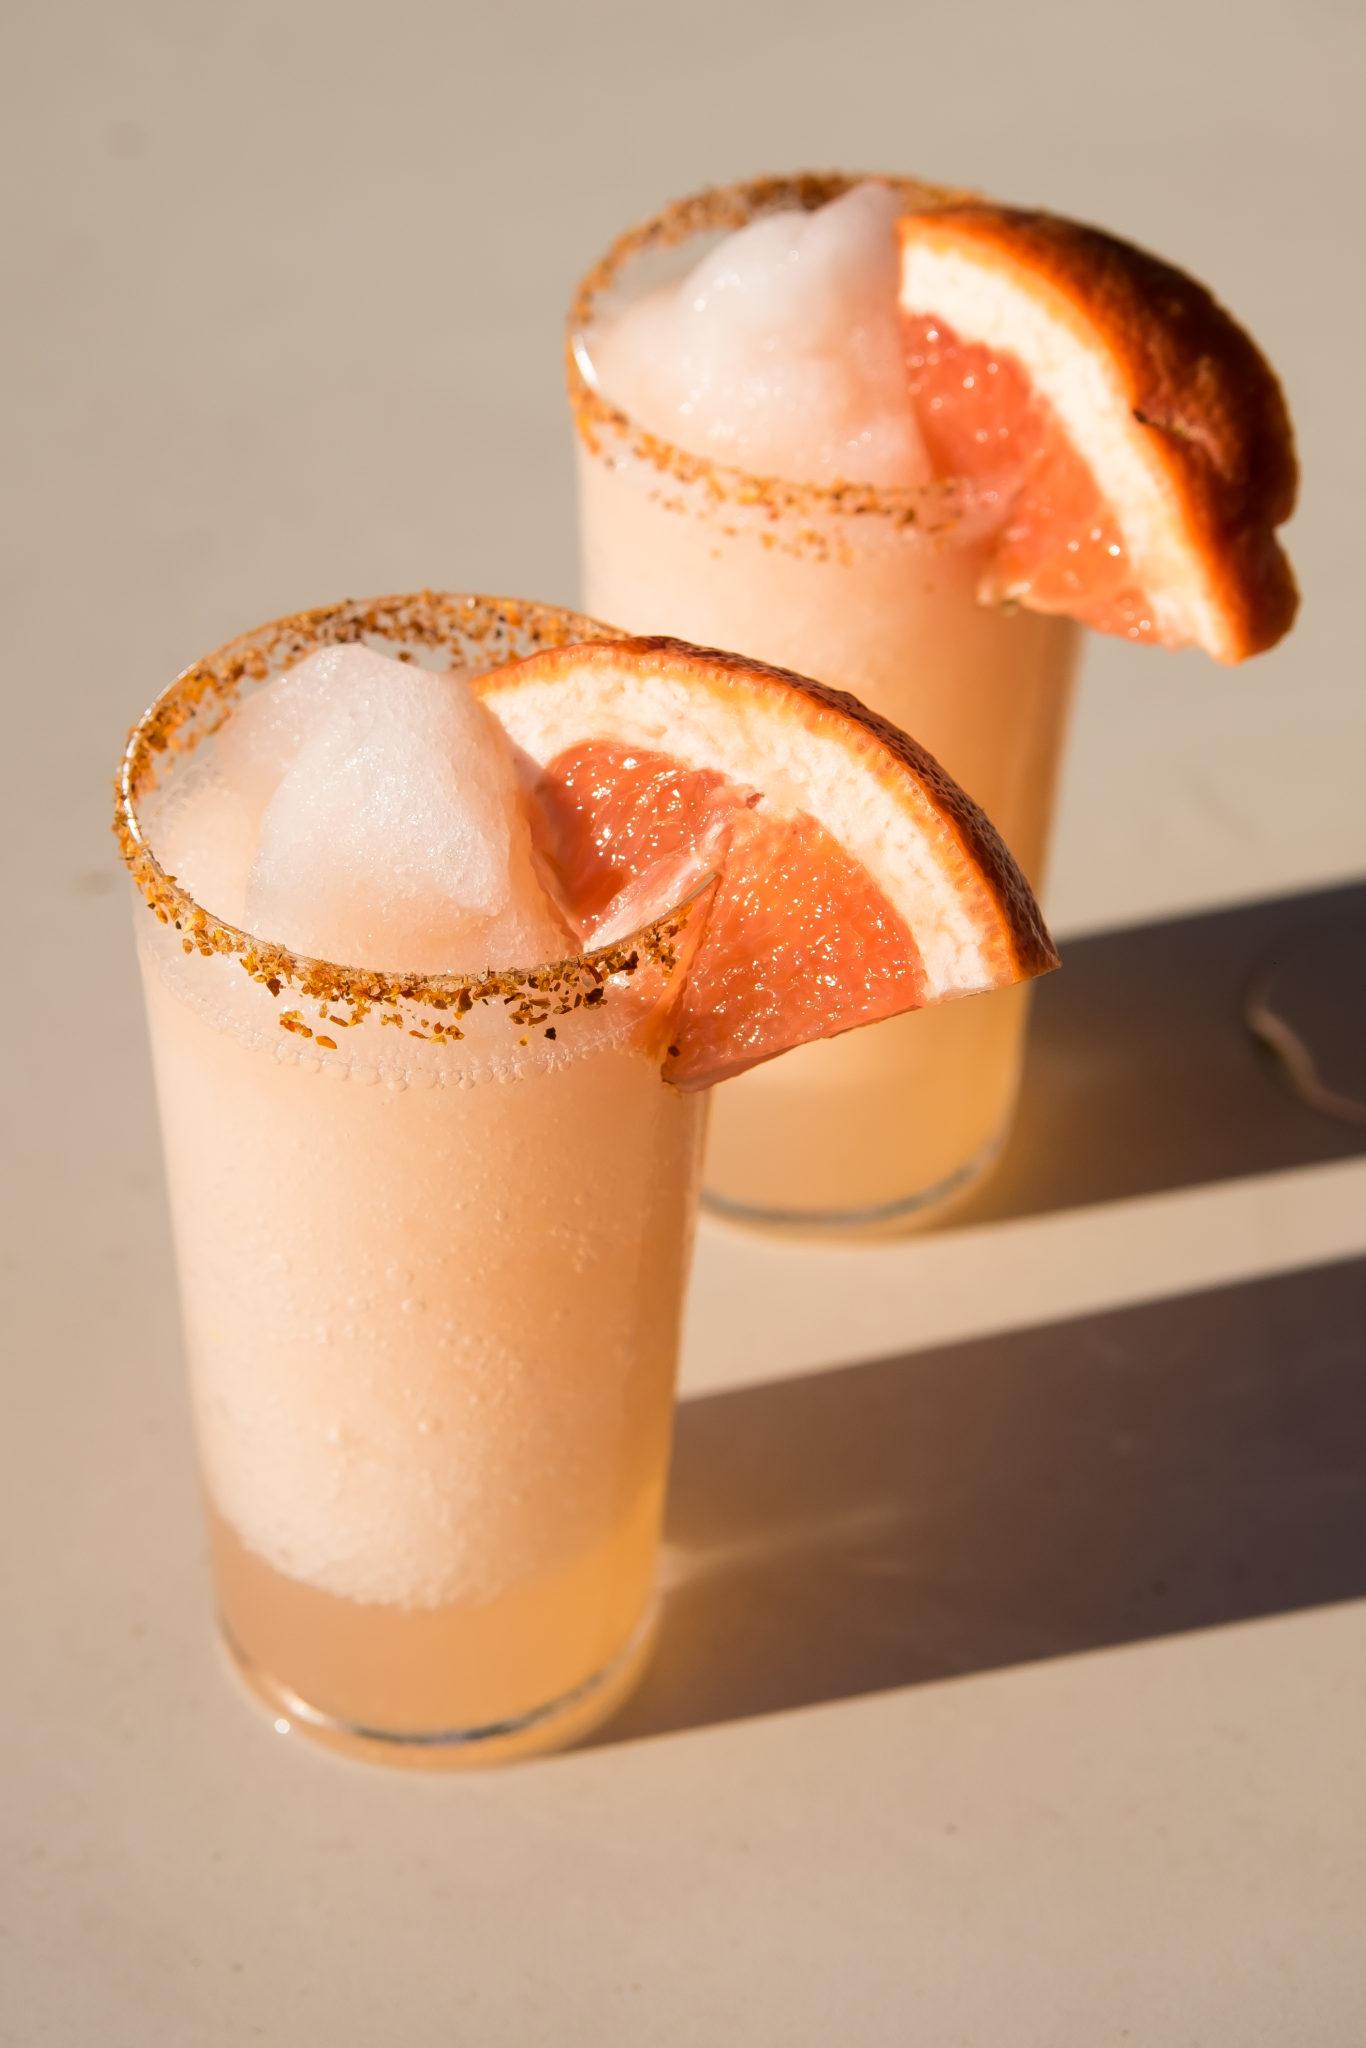 Frozen Paloma Cocktail Served with a Tajin Rim